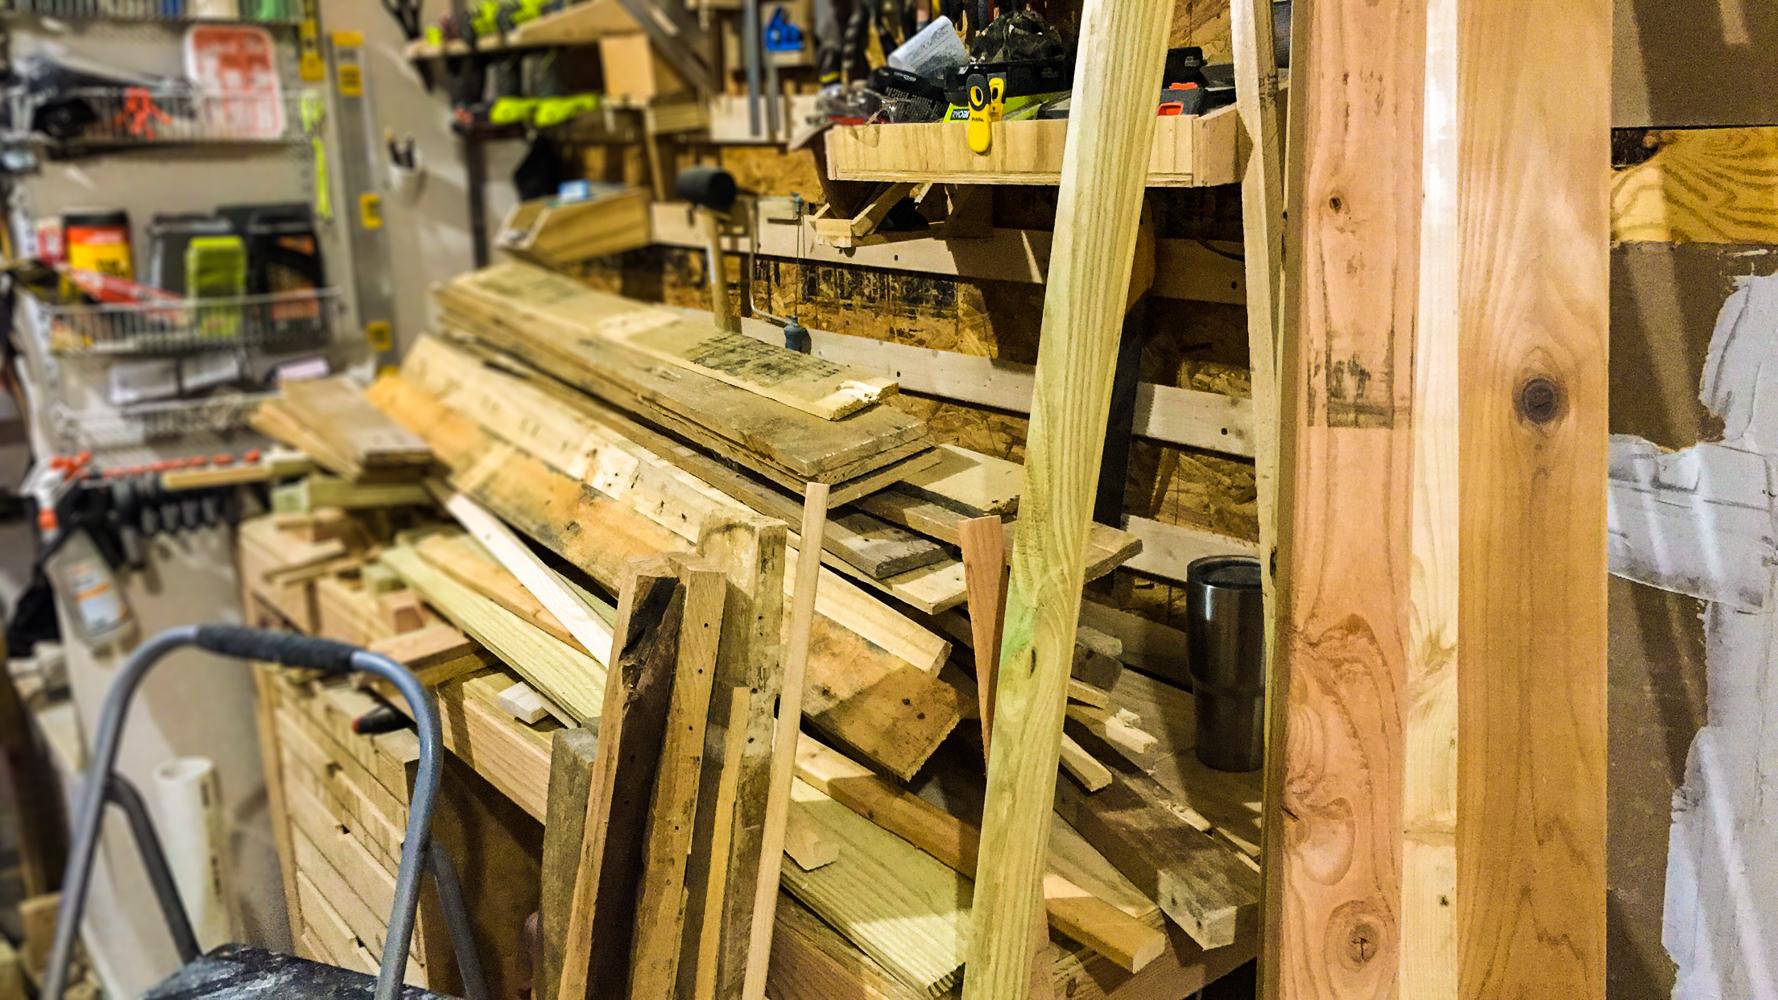 Lumber Cart - Old Workbench Clutter